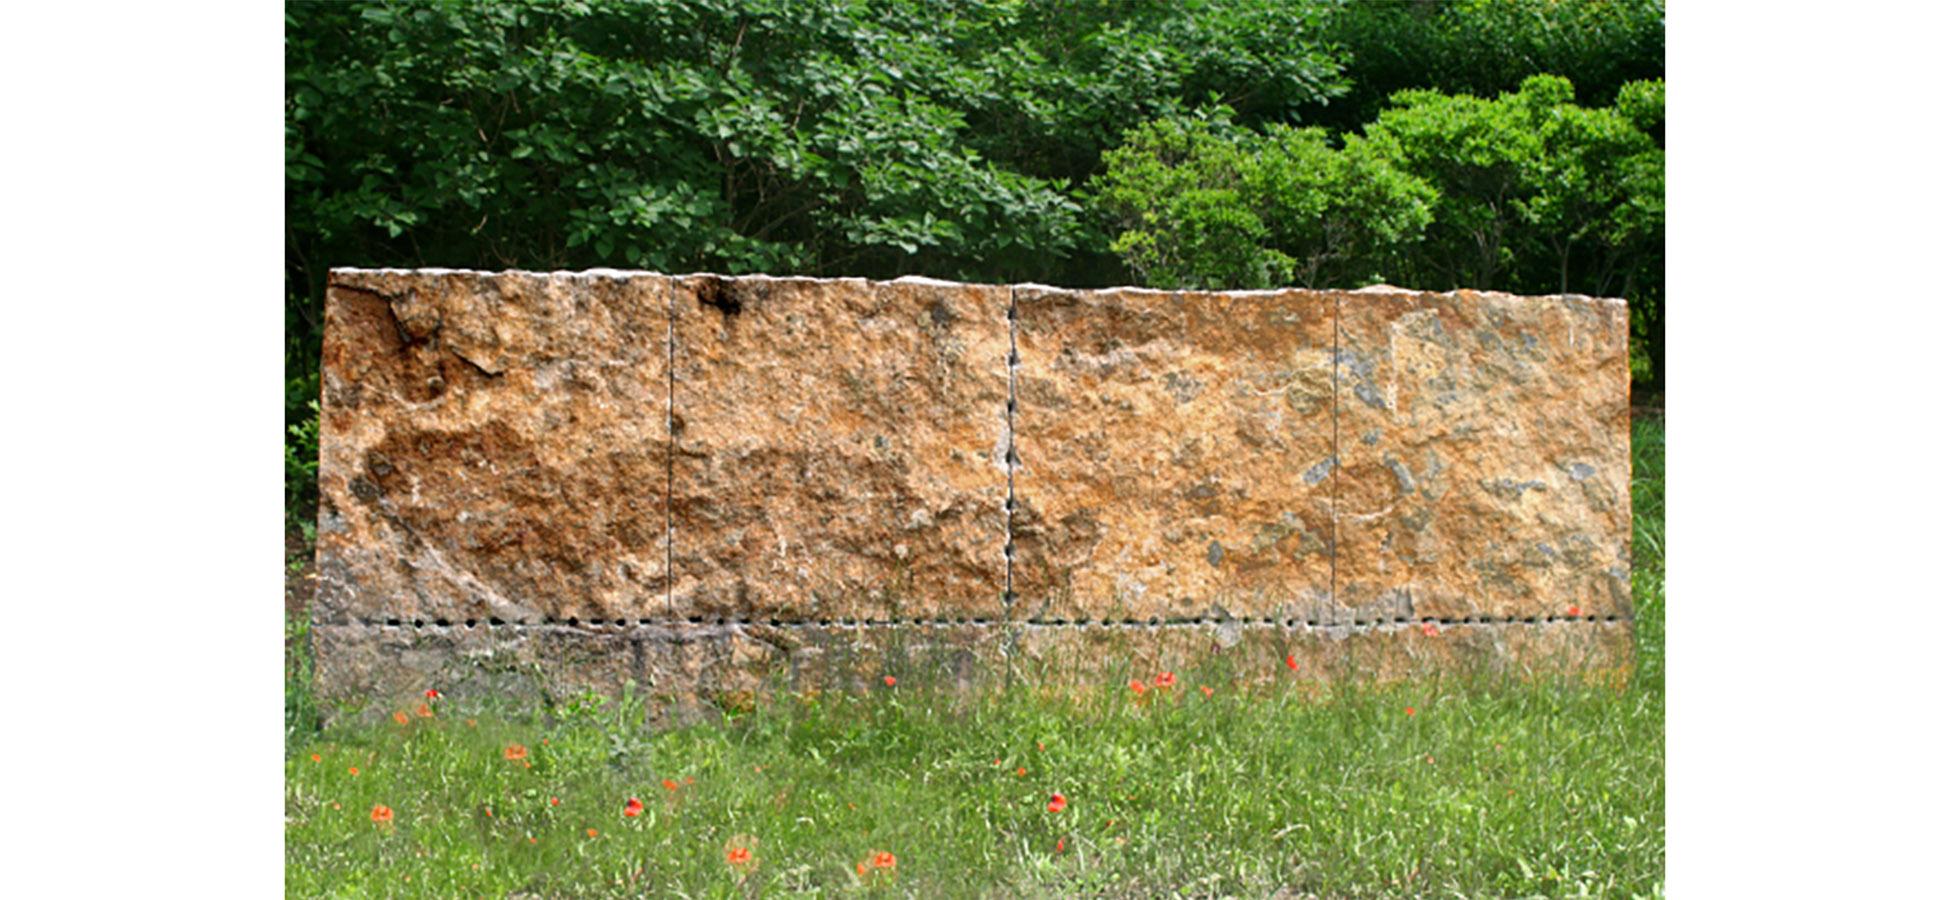 wallflower - edited.jpg